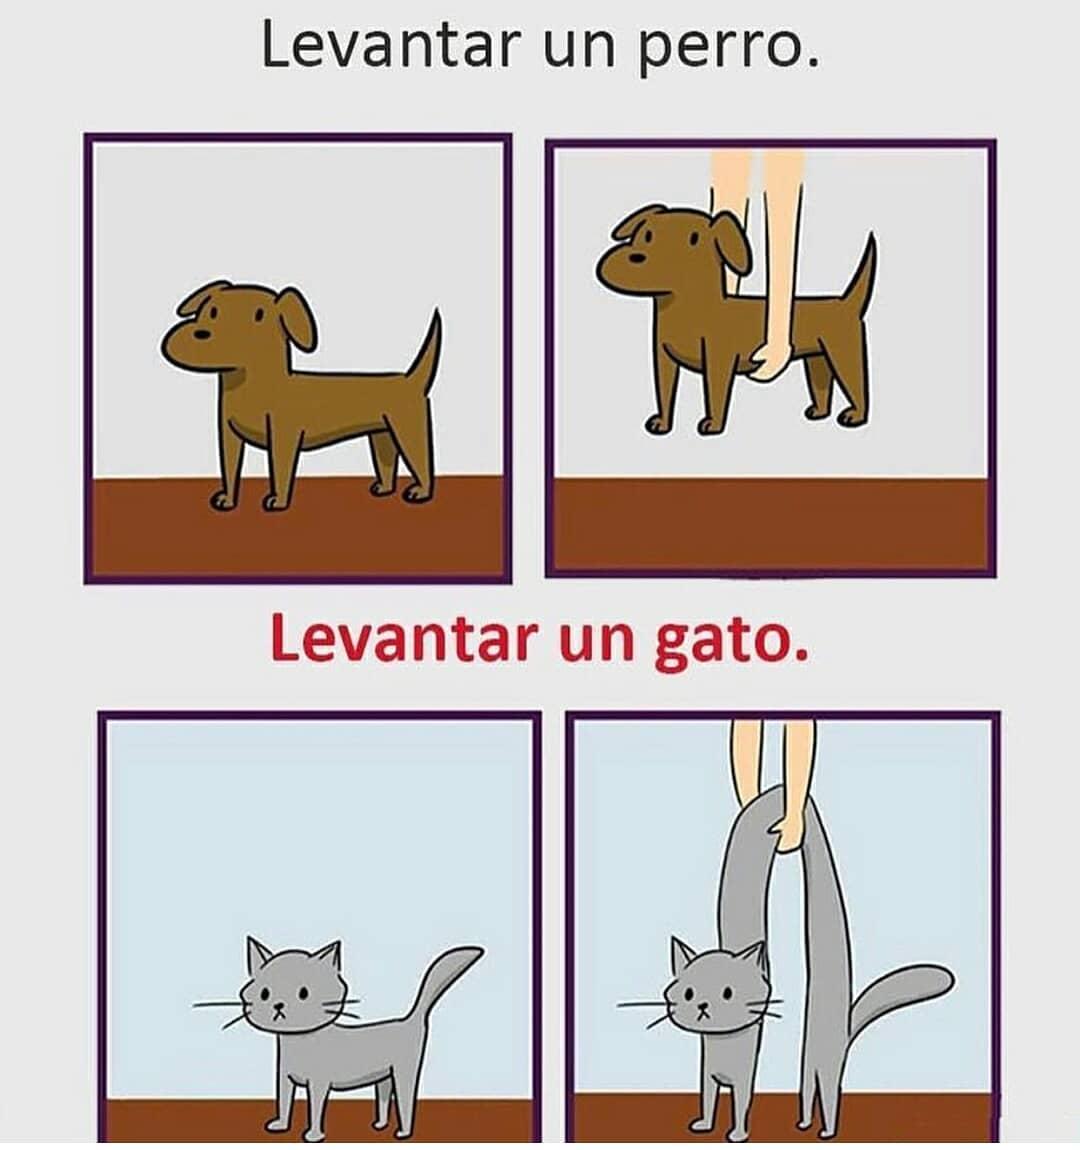 Levantar un perro. / Levantar un gato.